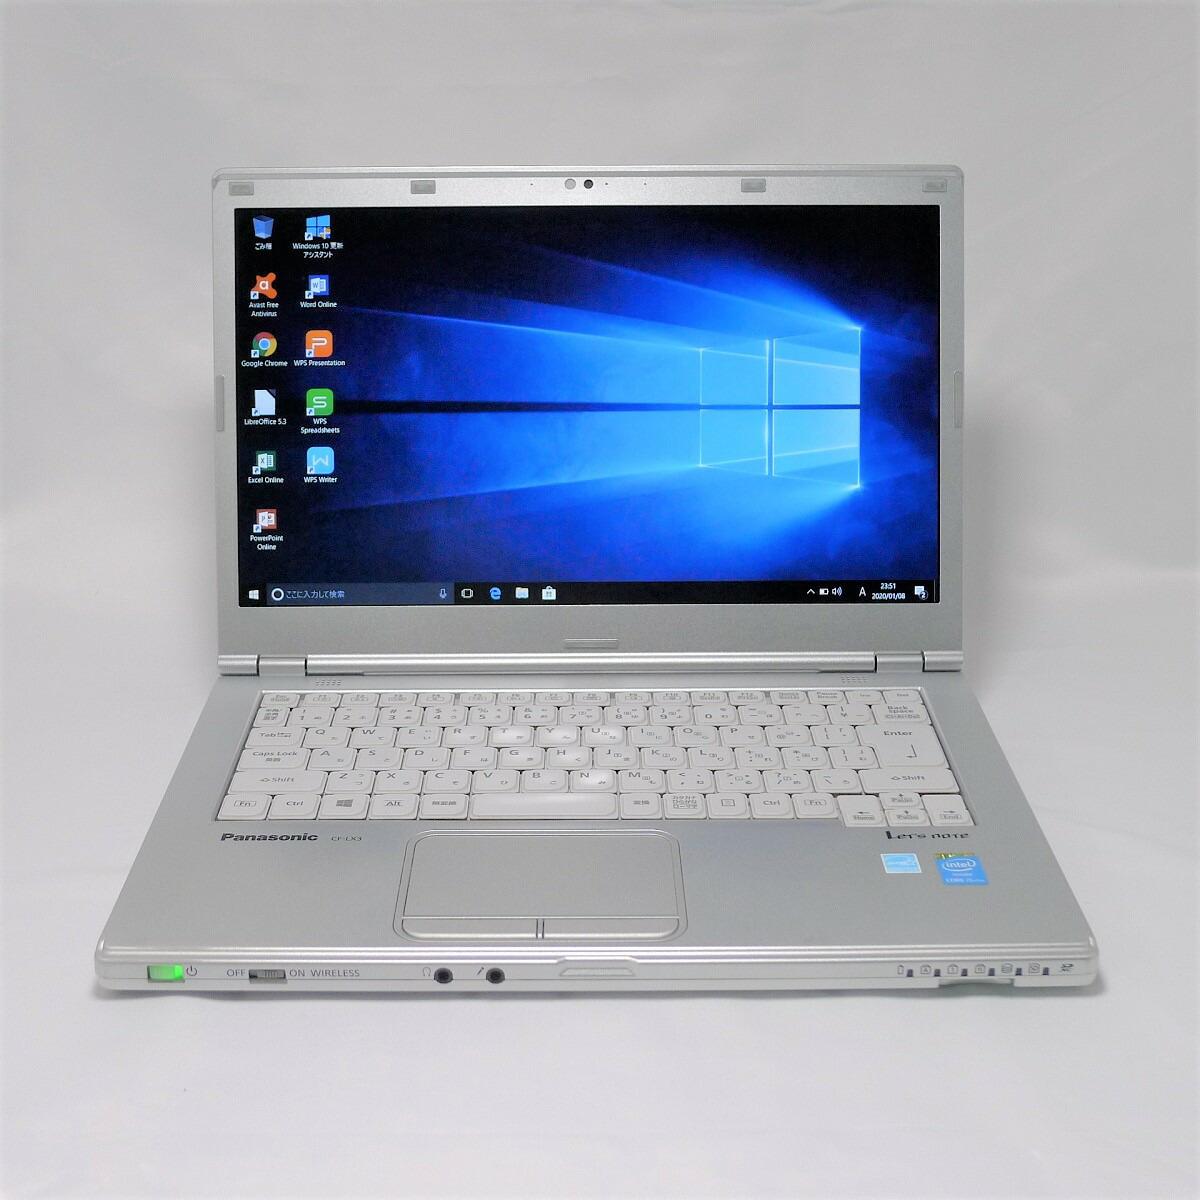 パナソニック Panasonic Let's note CF-LX3 Core i5 16GB 新品SSD480GB 国産品 中古 スーパーマルチ Windows10 64bitWPSOffice 中古パソコン 即納 無線LAN ノートパソコン 14インチ モバイルノート